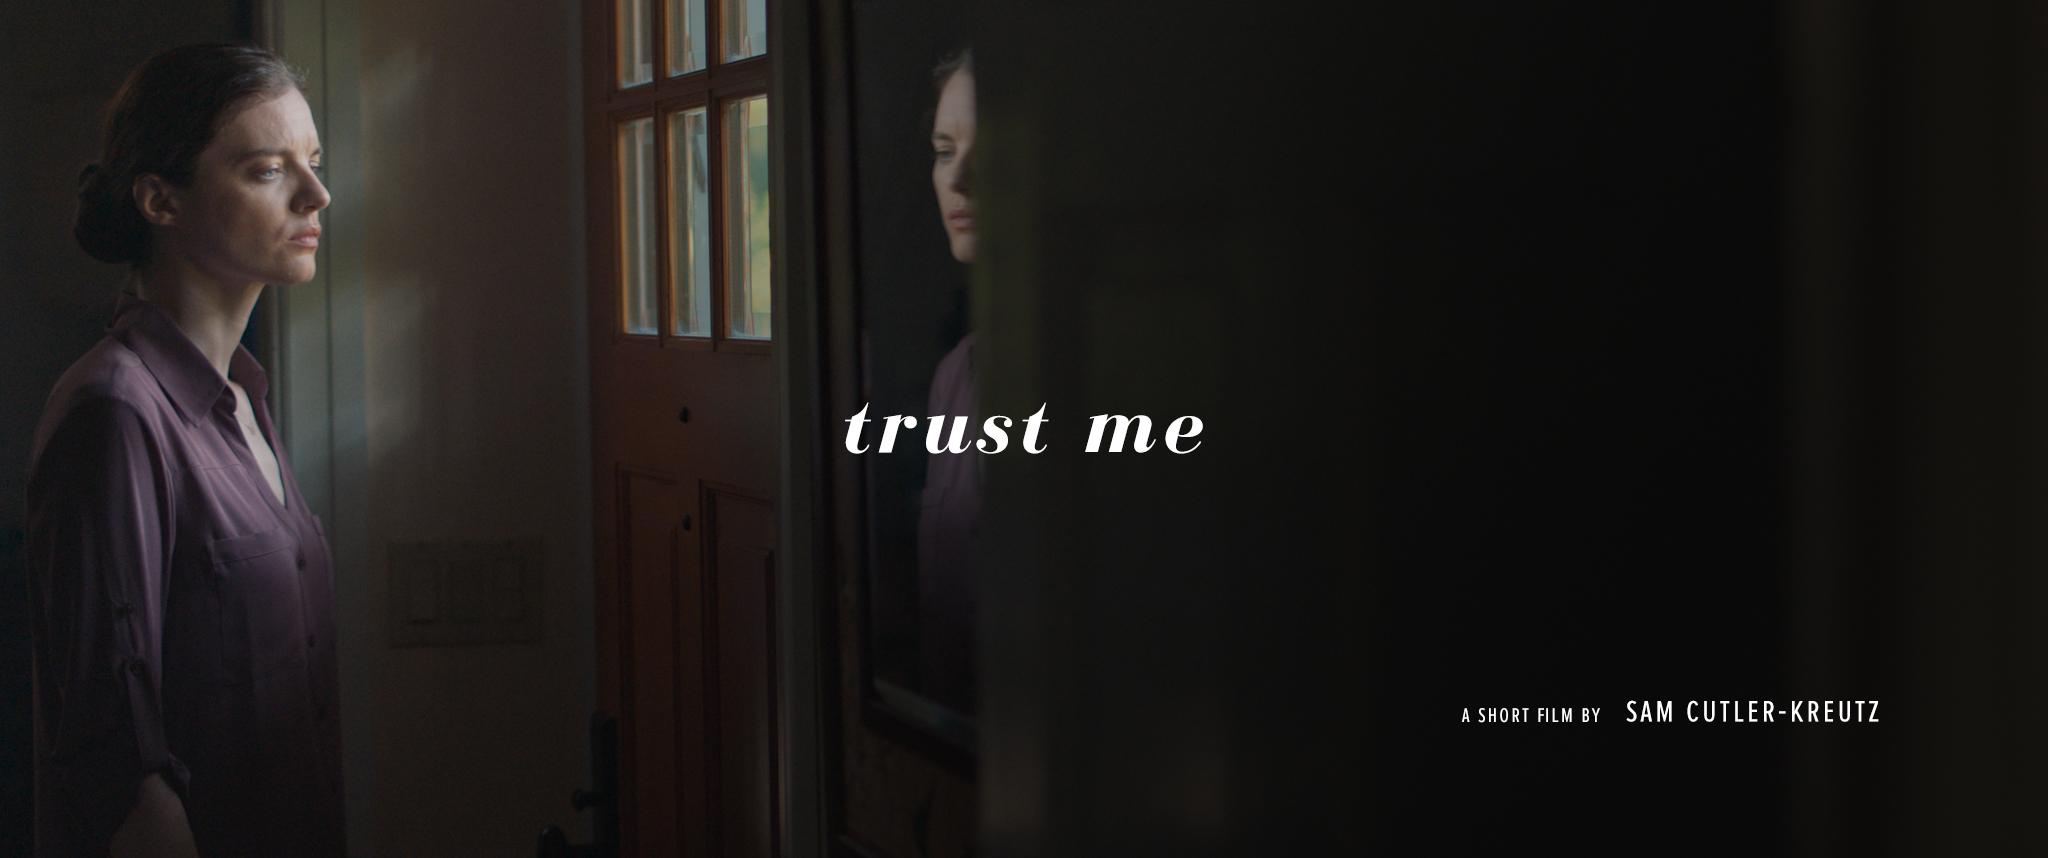 trust me v2.jpg